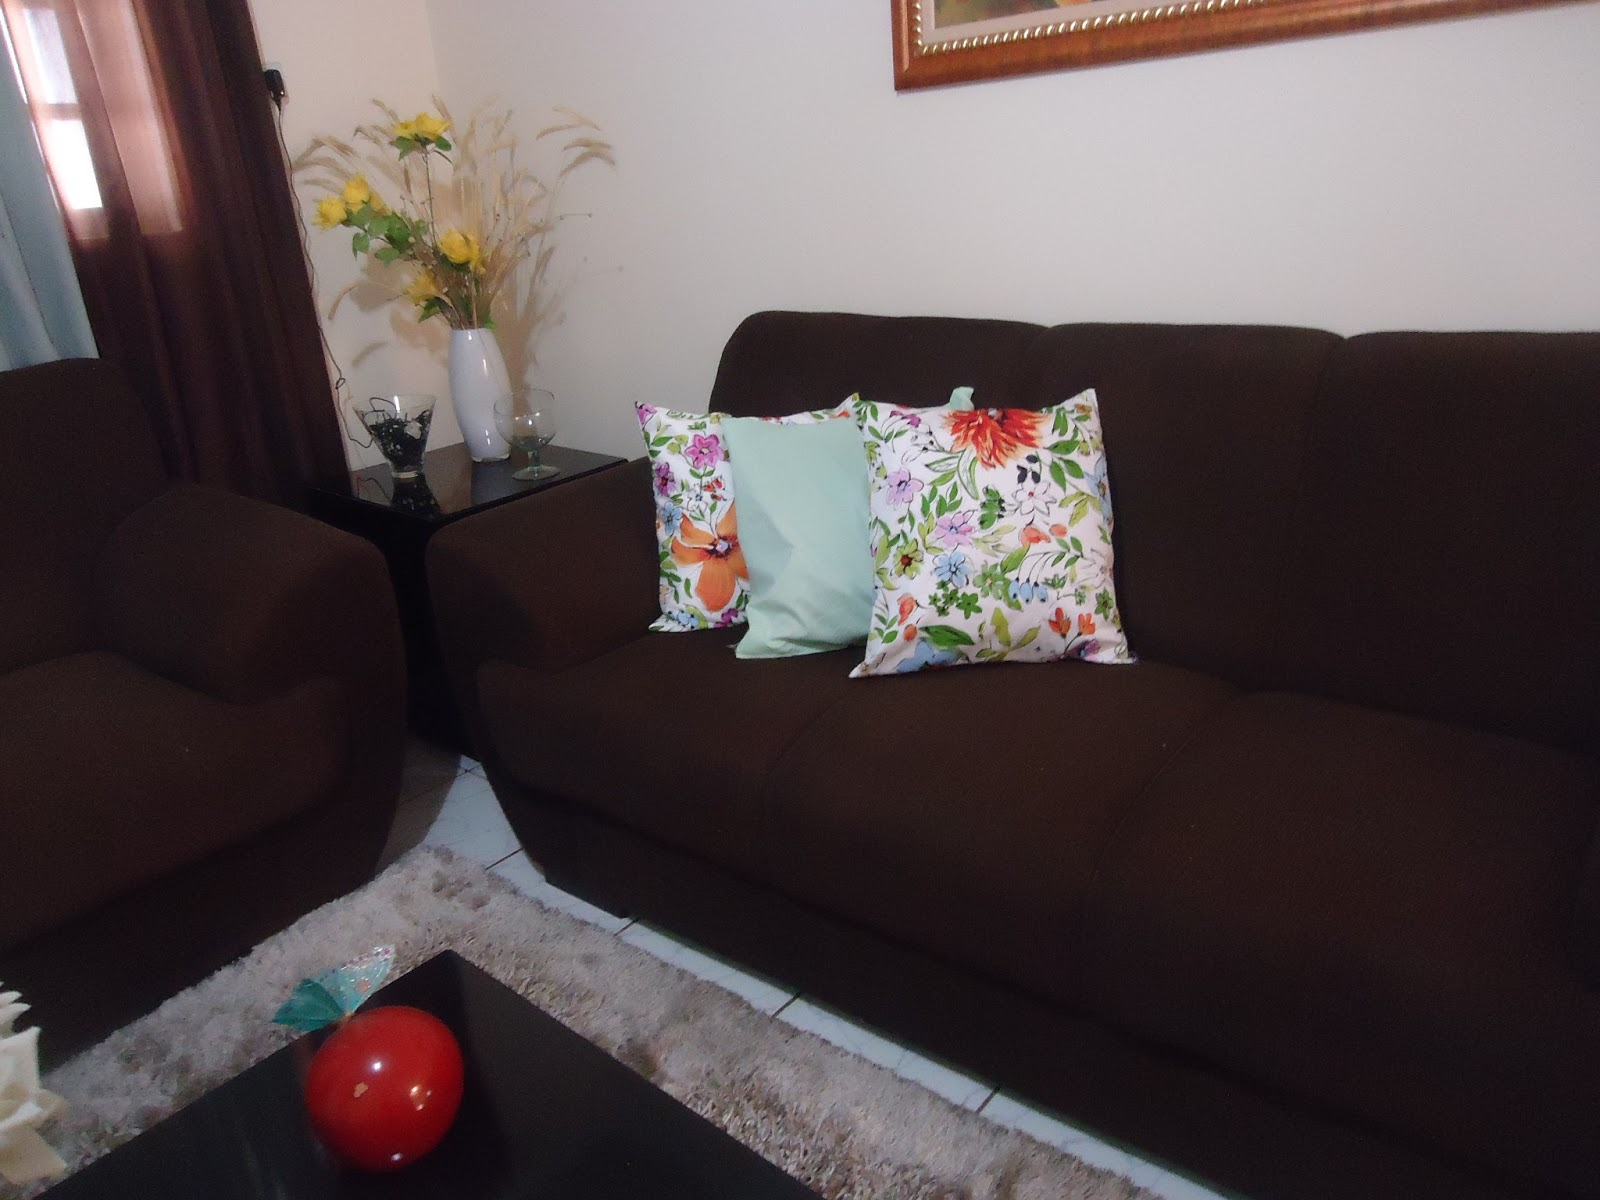 esse sofa ta bom demais blue sofas ikea coisas que sei fazer mudando a sala aos pouquinhos